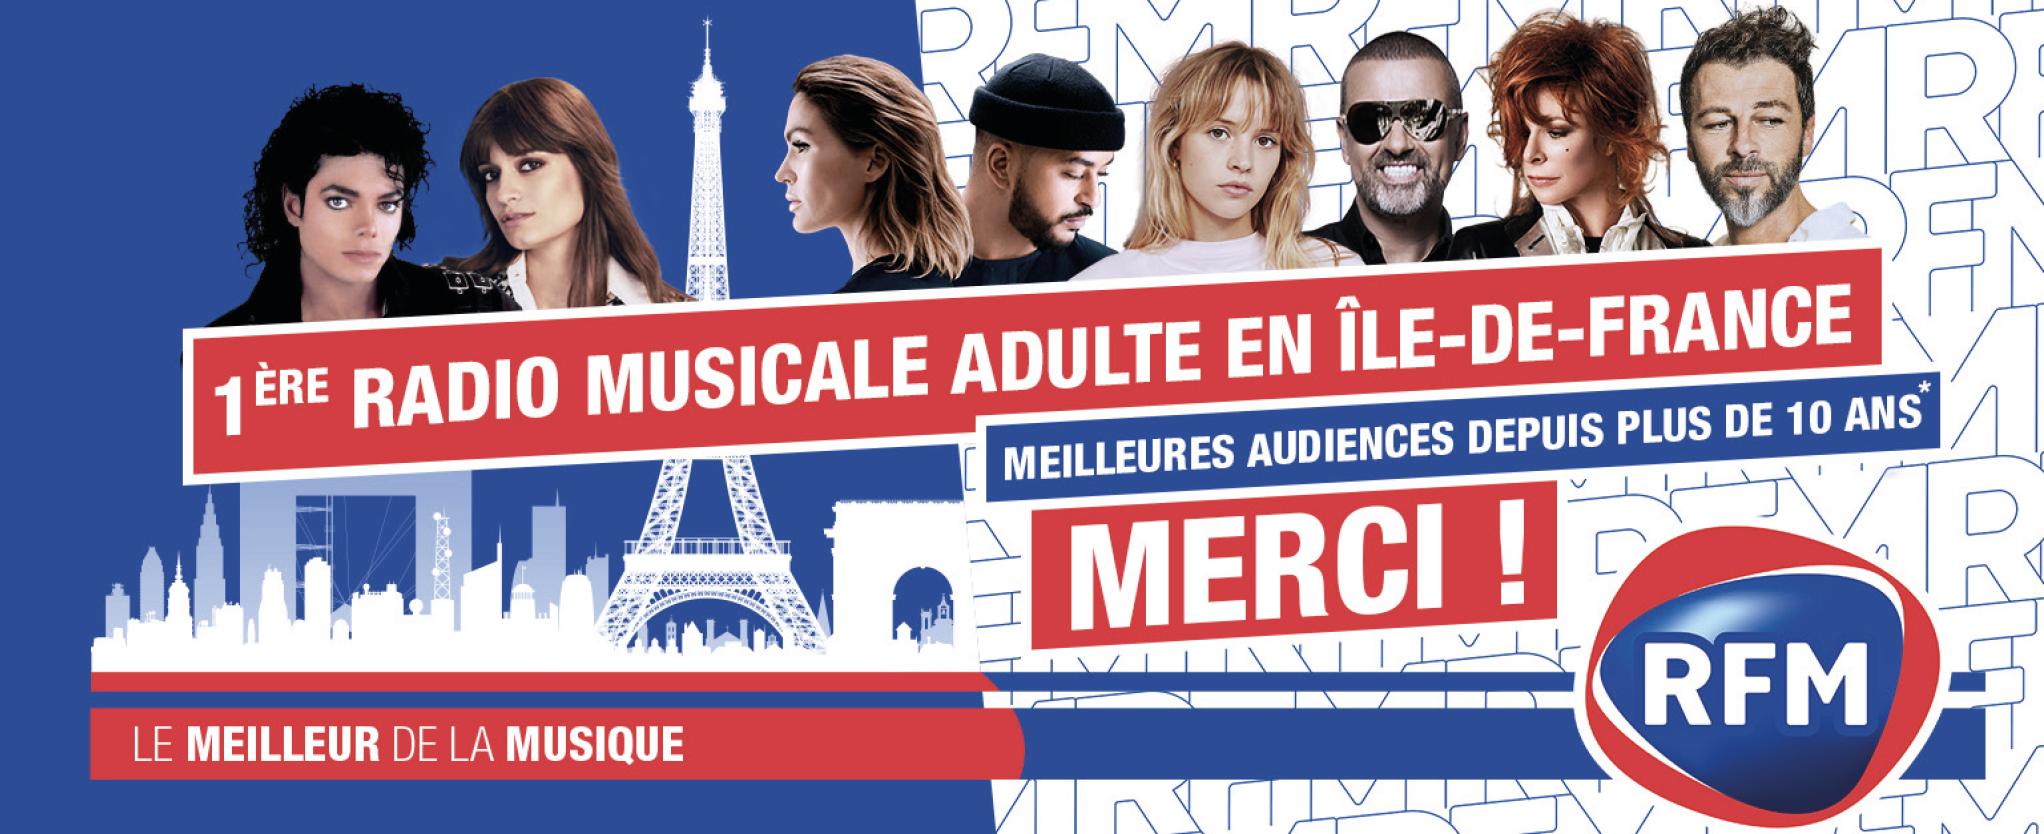 RFM est la première radio musicale adulte à Paris